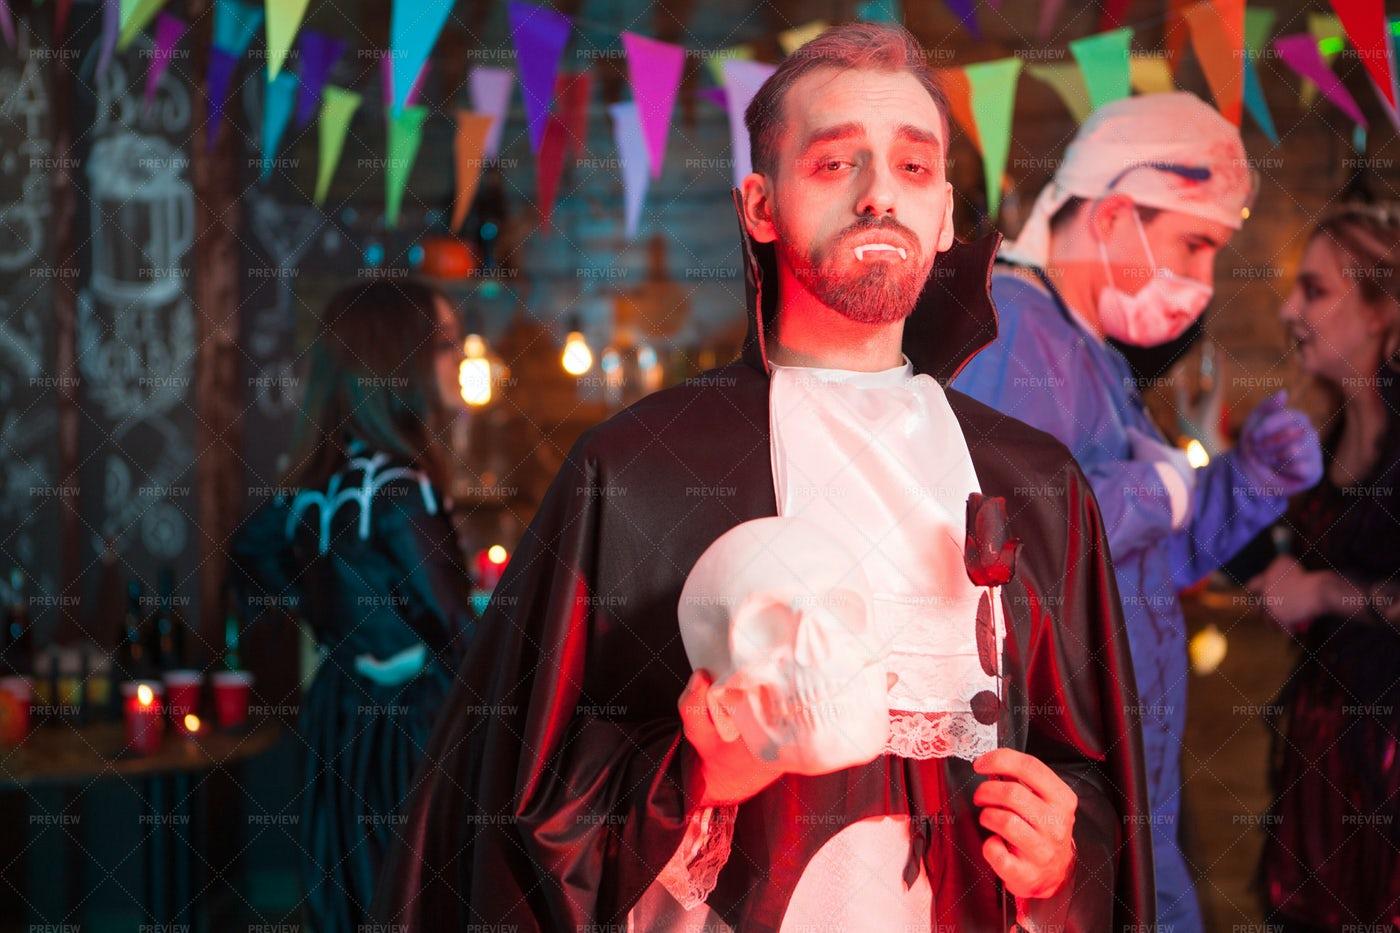 Dracula Holding A Skull: Stock Photos